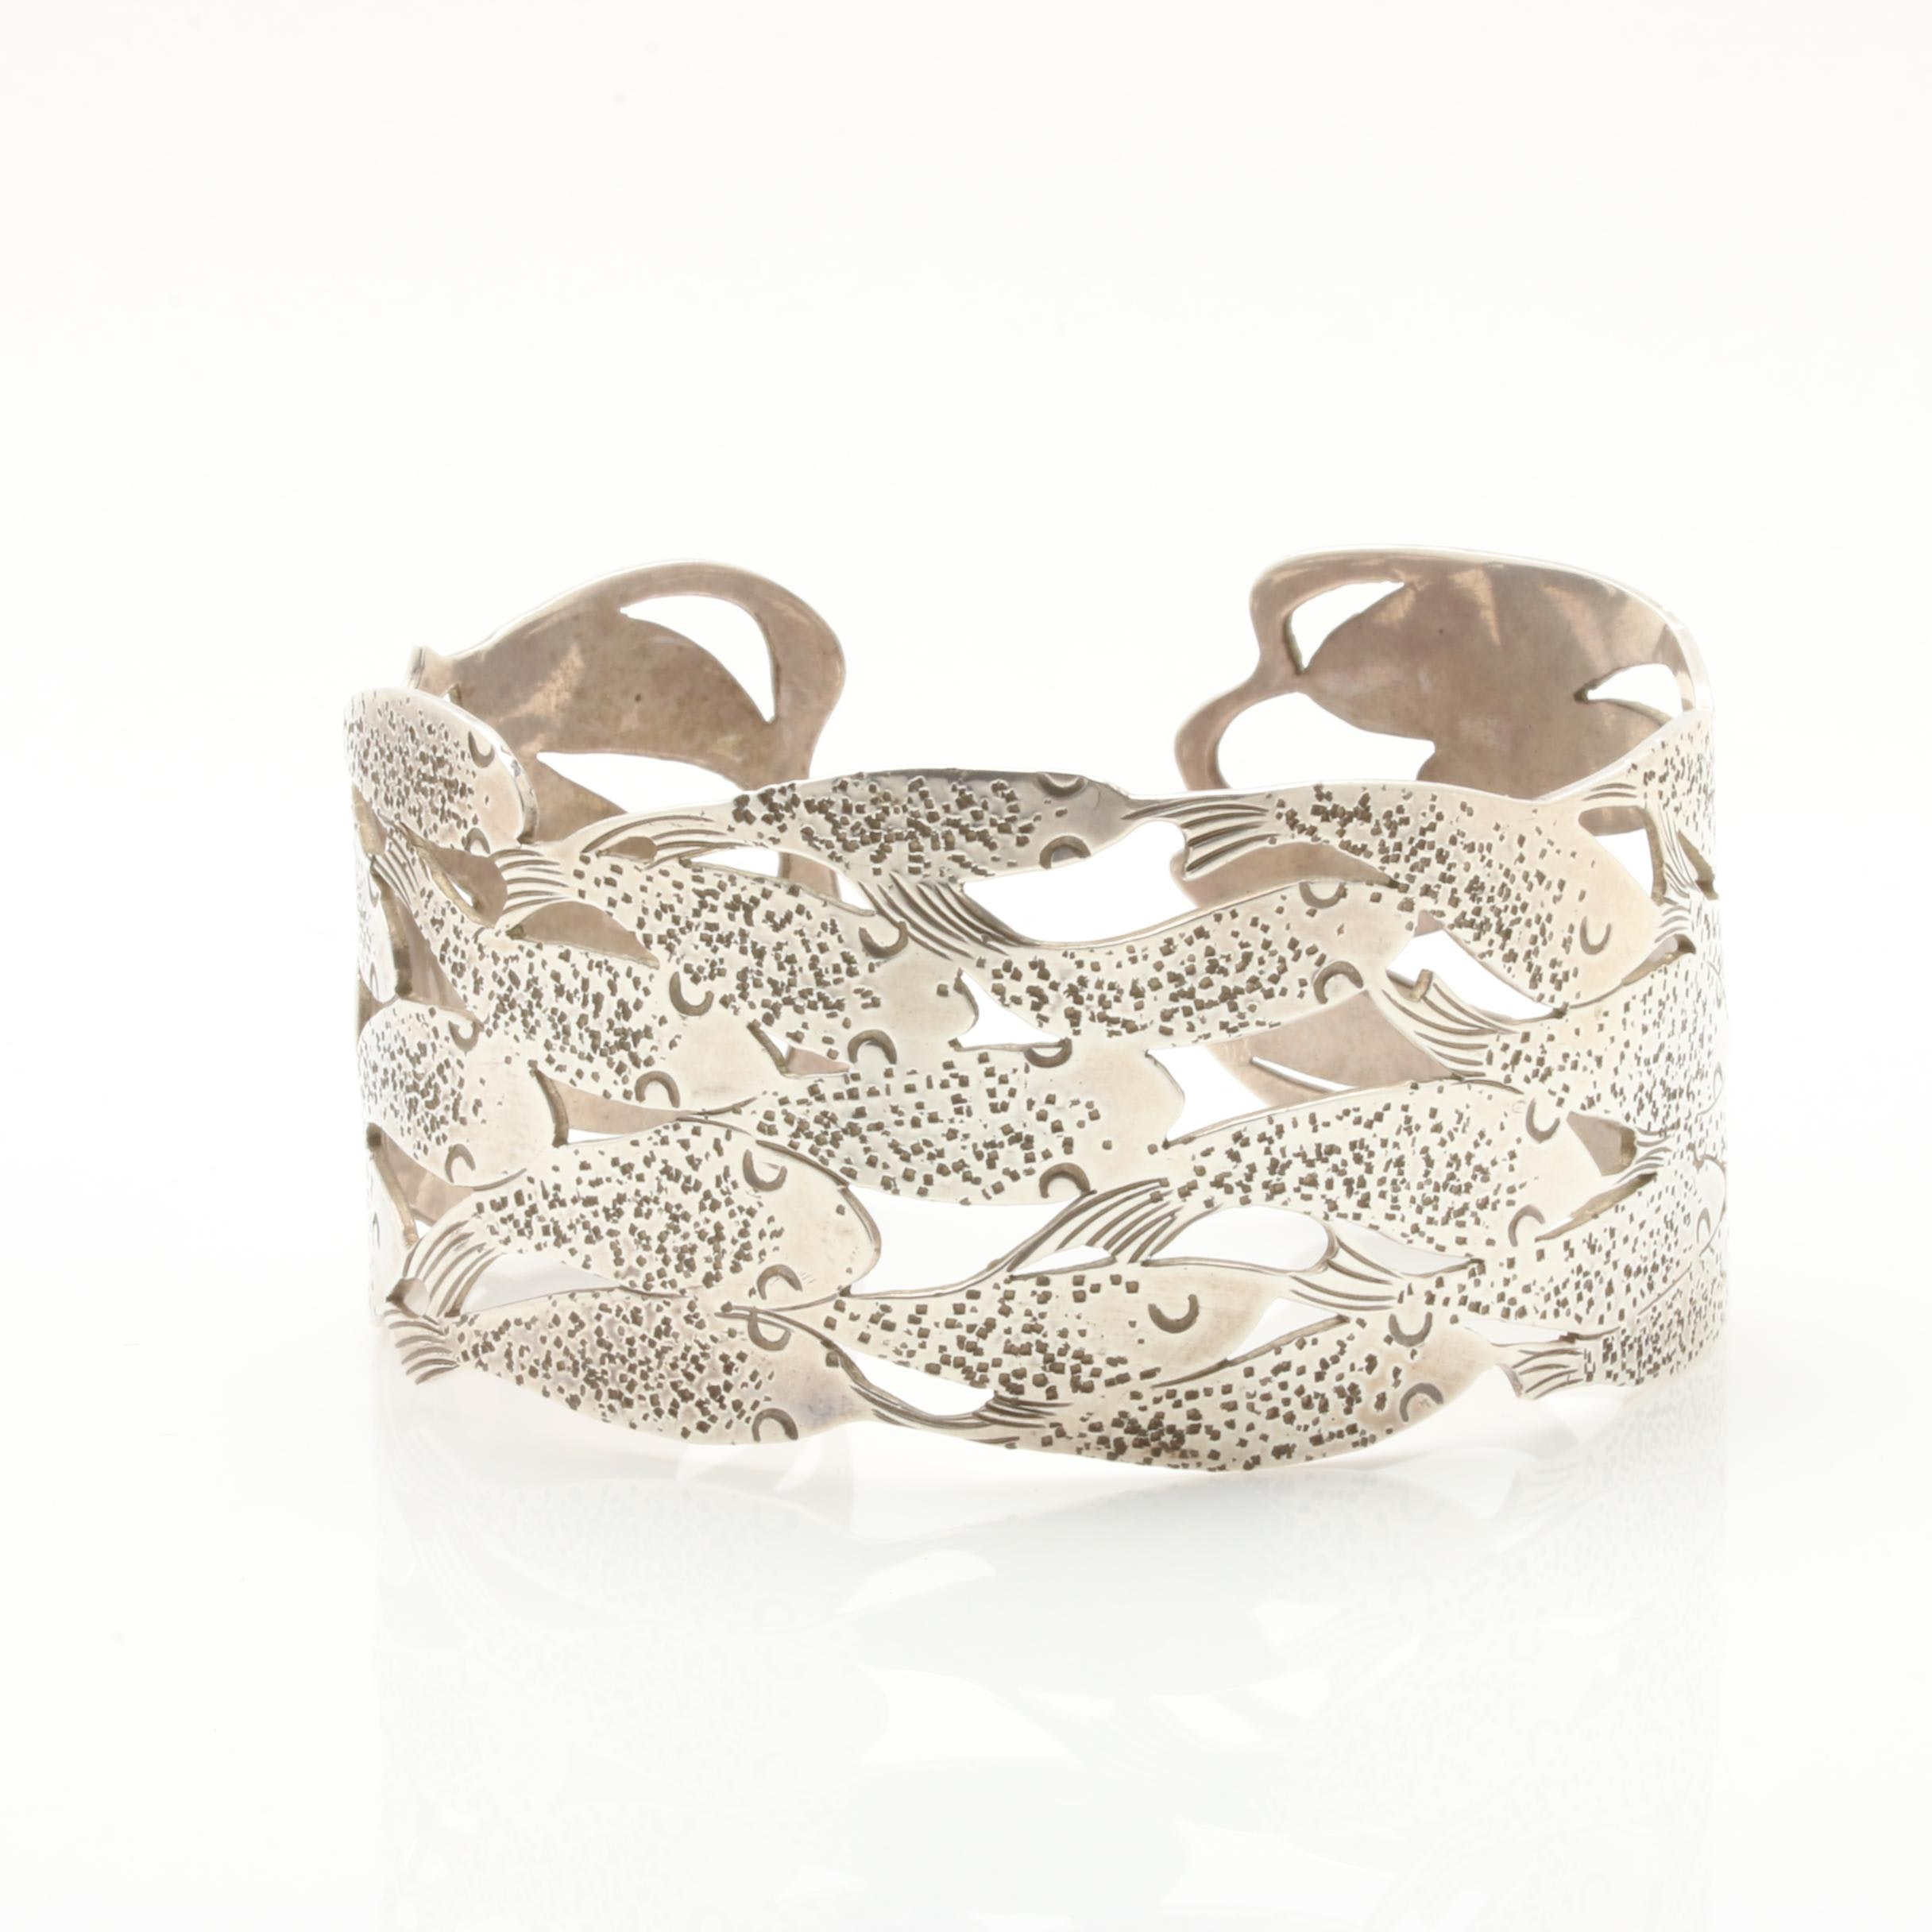 Sterling Silver School of Fish Cuff Bracelet